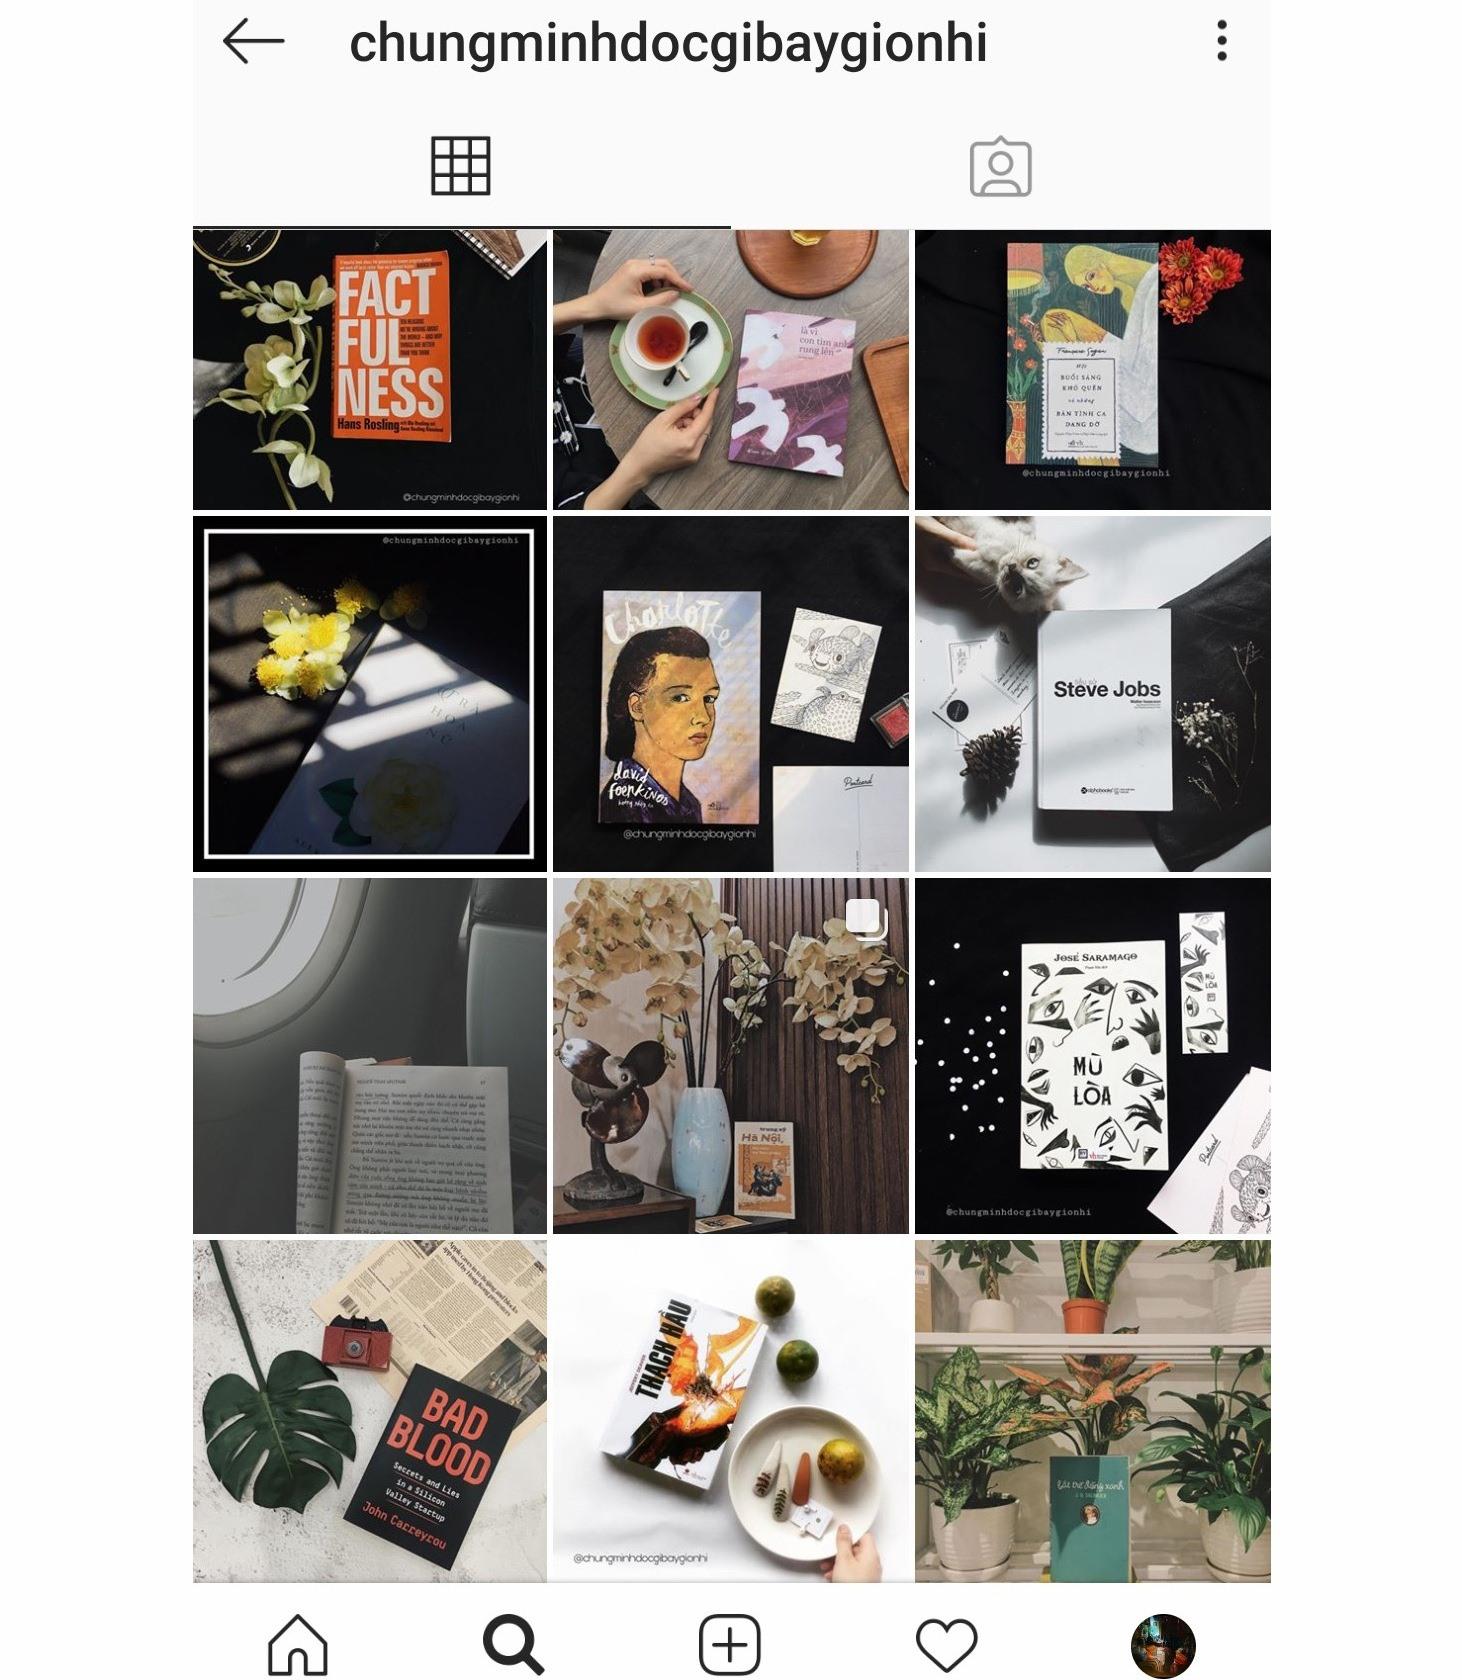 Nhiều bạn trẻ chia sẻ hình ảnh về đọc sách trên tài khoản Instagram Chúng mình đọc gì bây giờ nhỉ?